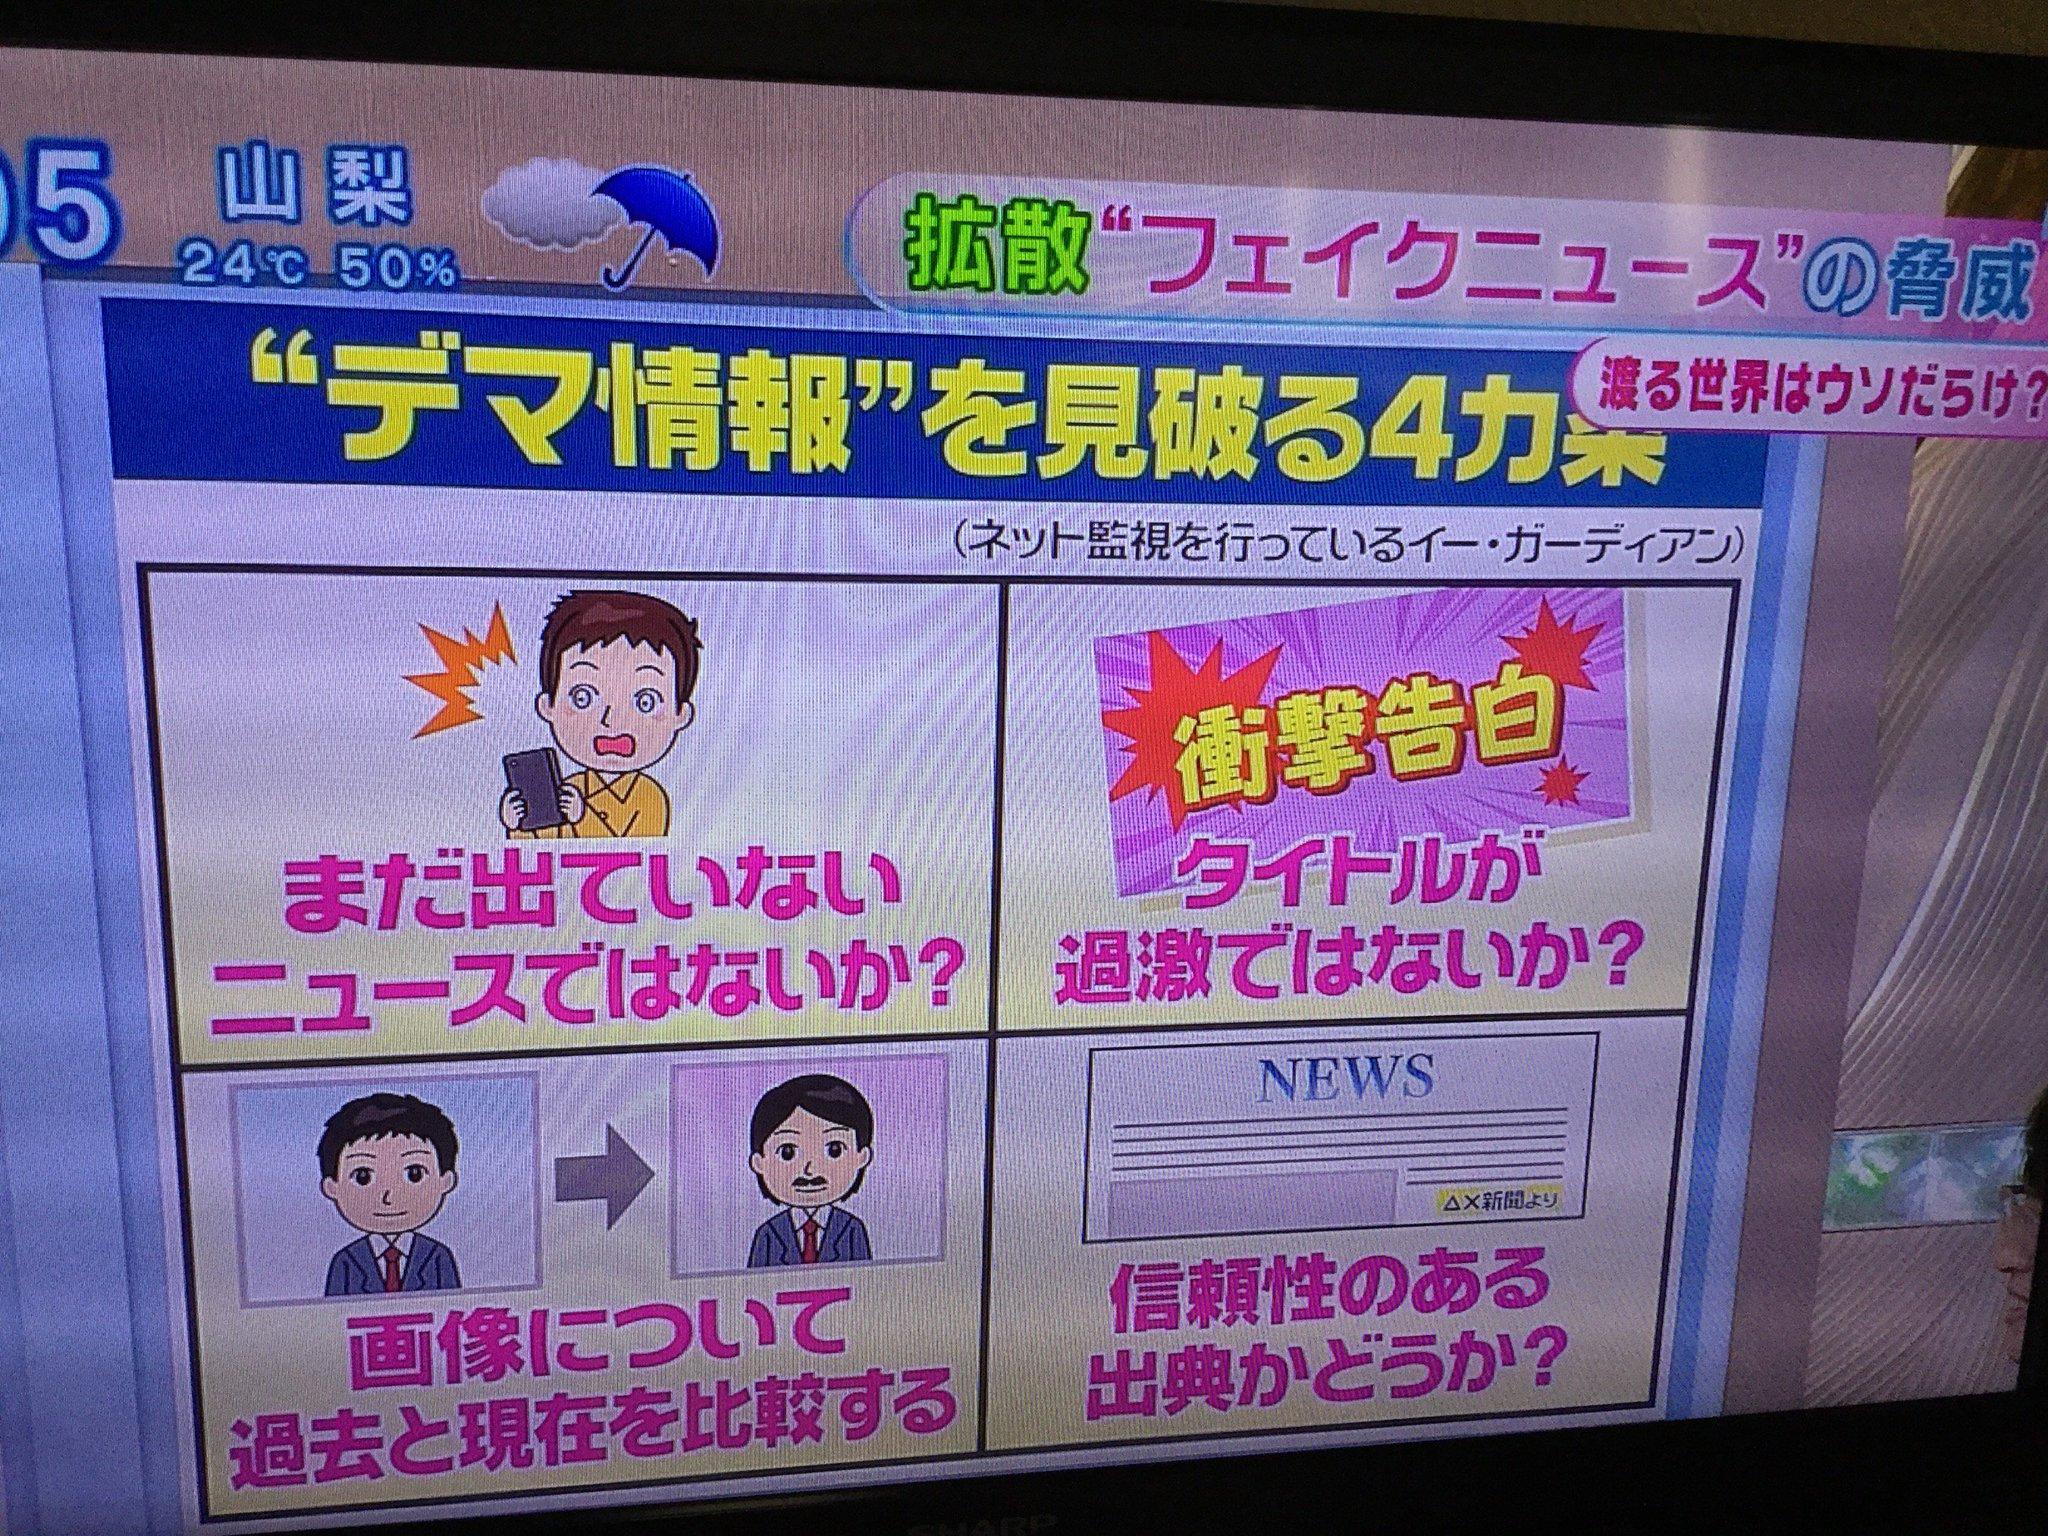 なんでフジテレビがデマ情報を見破る4か条をレクチャーしてるんだろう。身内向けのイヤミか?